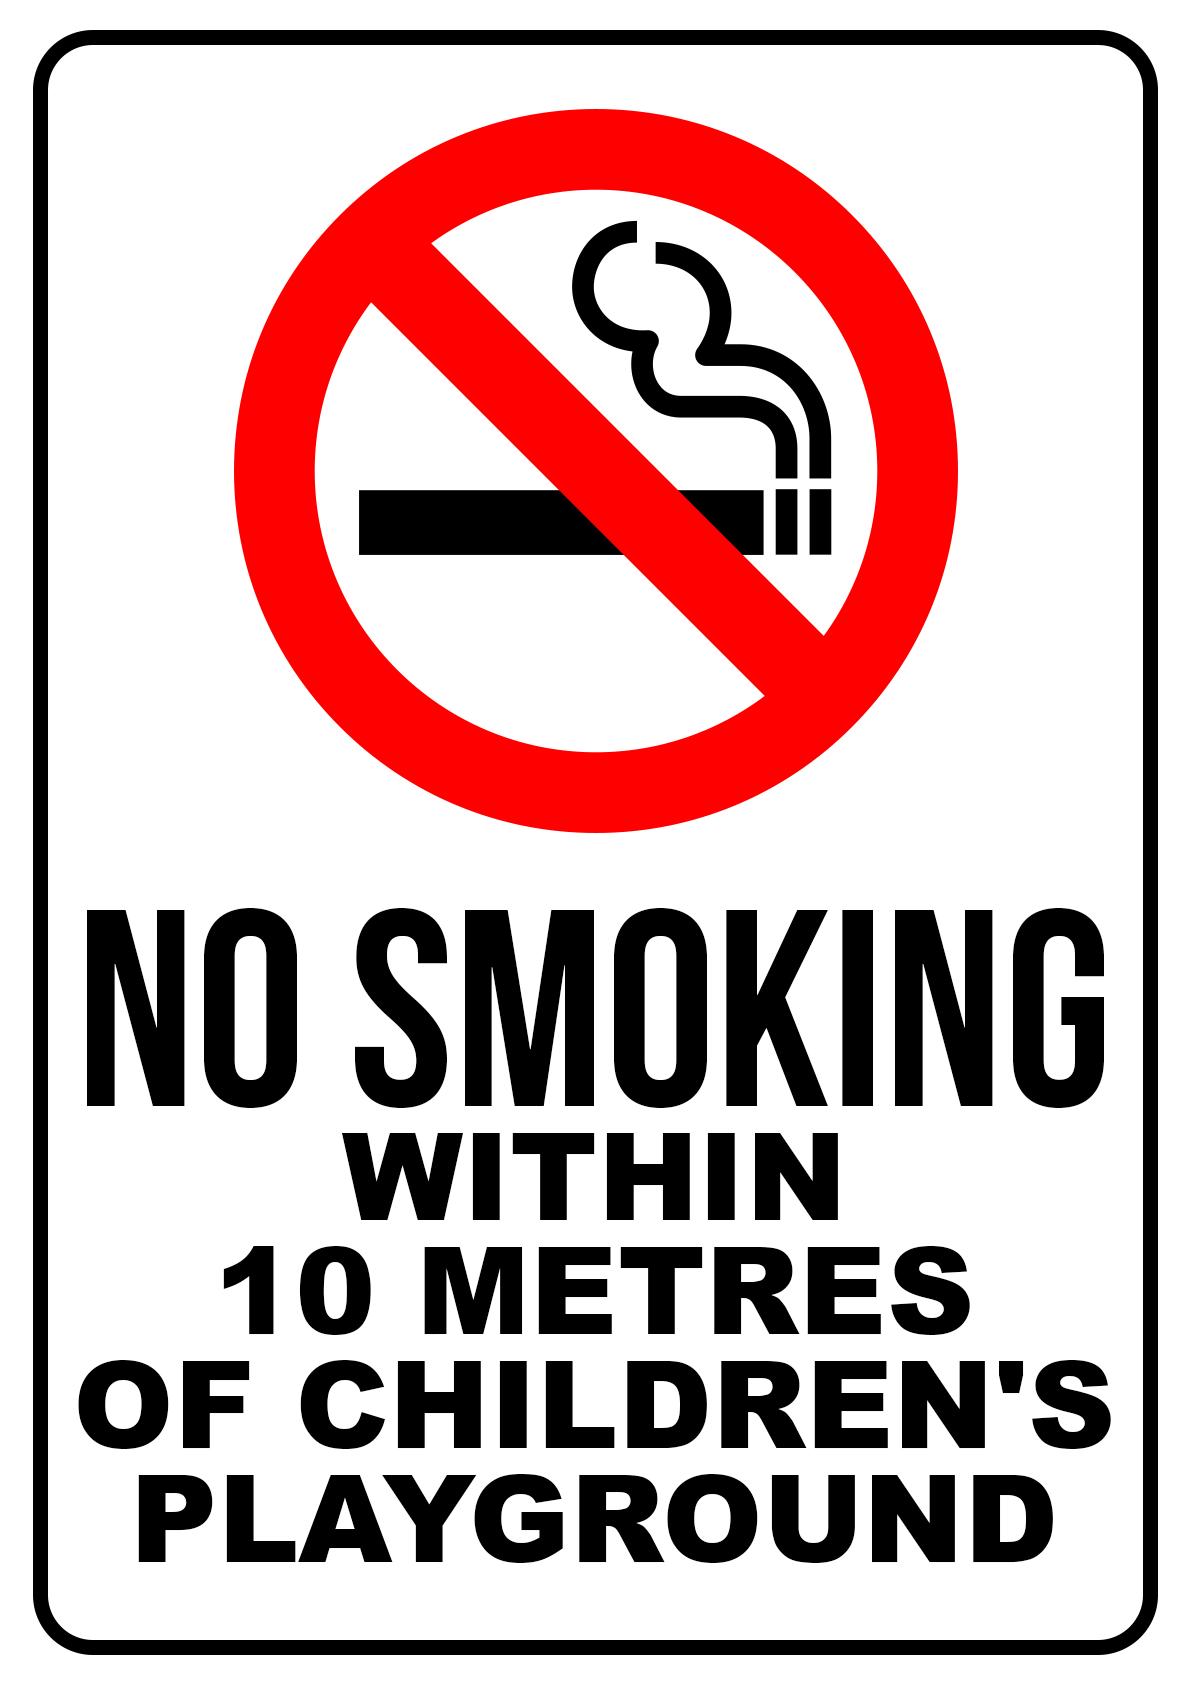 No Smoking Playground